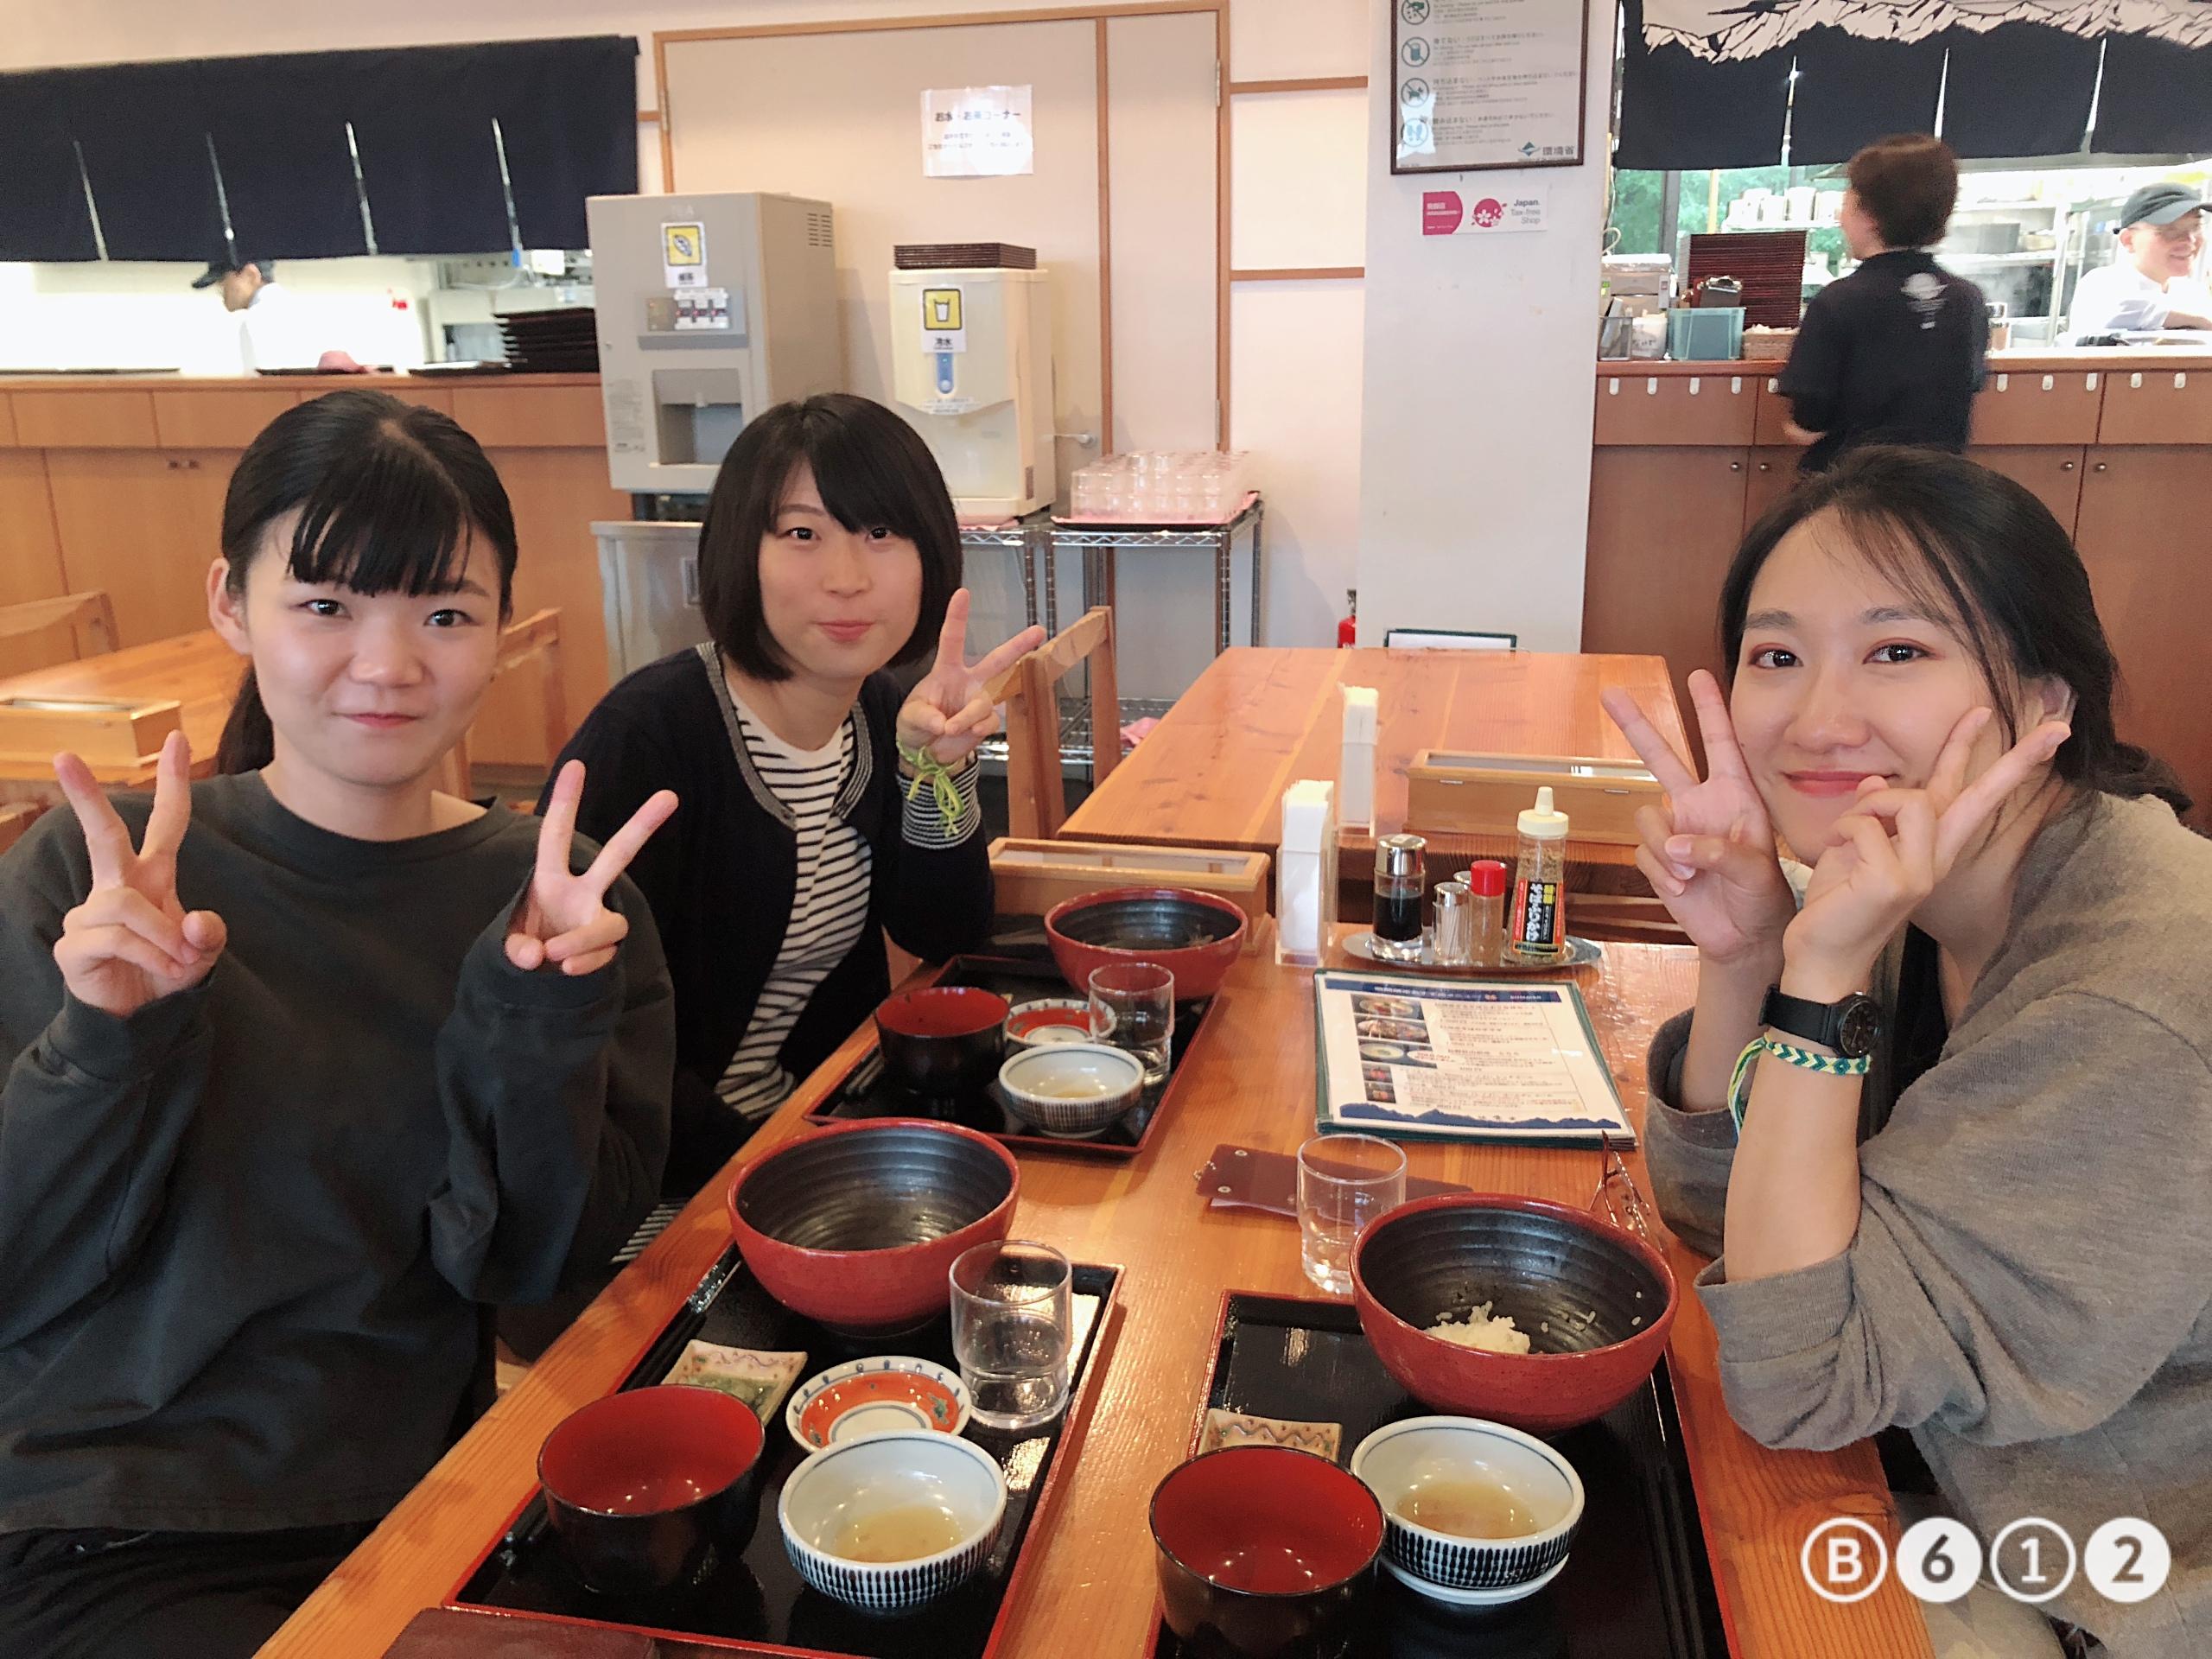 (長野県/上高地)とても楽しめたリゾートバイト!魅力的な職場で仕事&生活&思い出も!